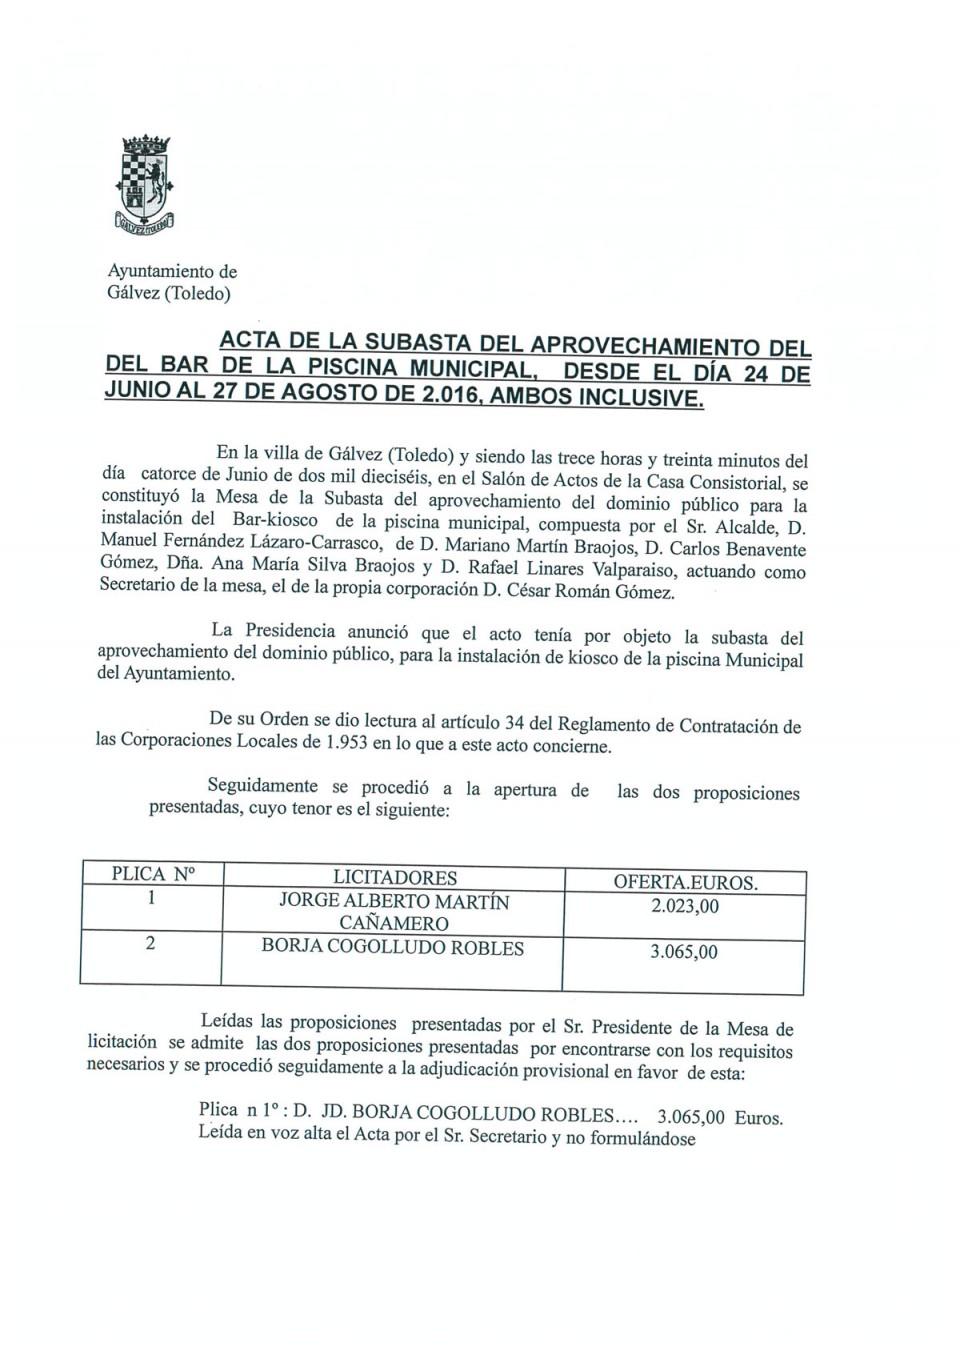 Acta de la subasta del aprovechamiento del bar de la piscina municipal, desde el día 24 de Junio al 27 de Agosto de 2016, ambos inclusive